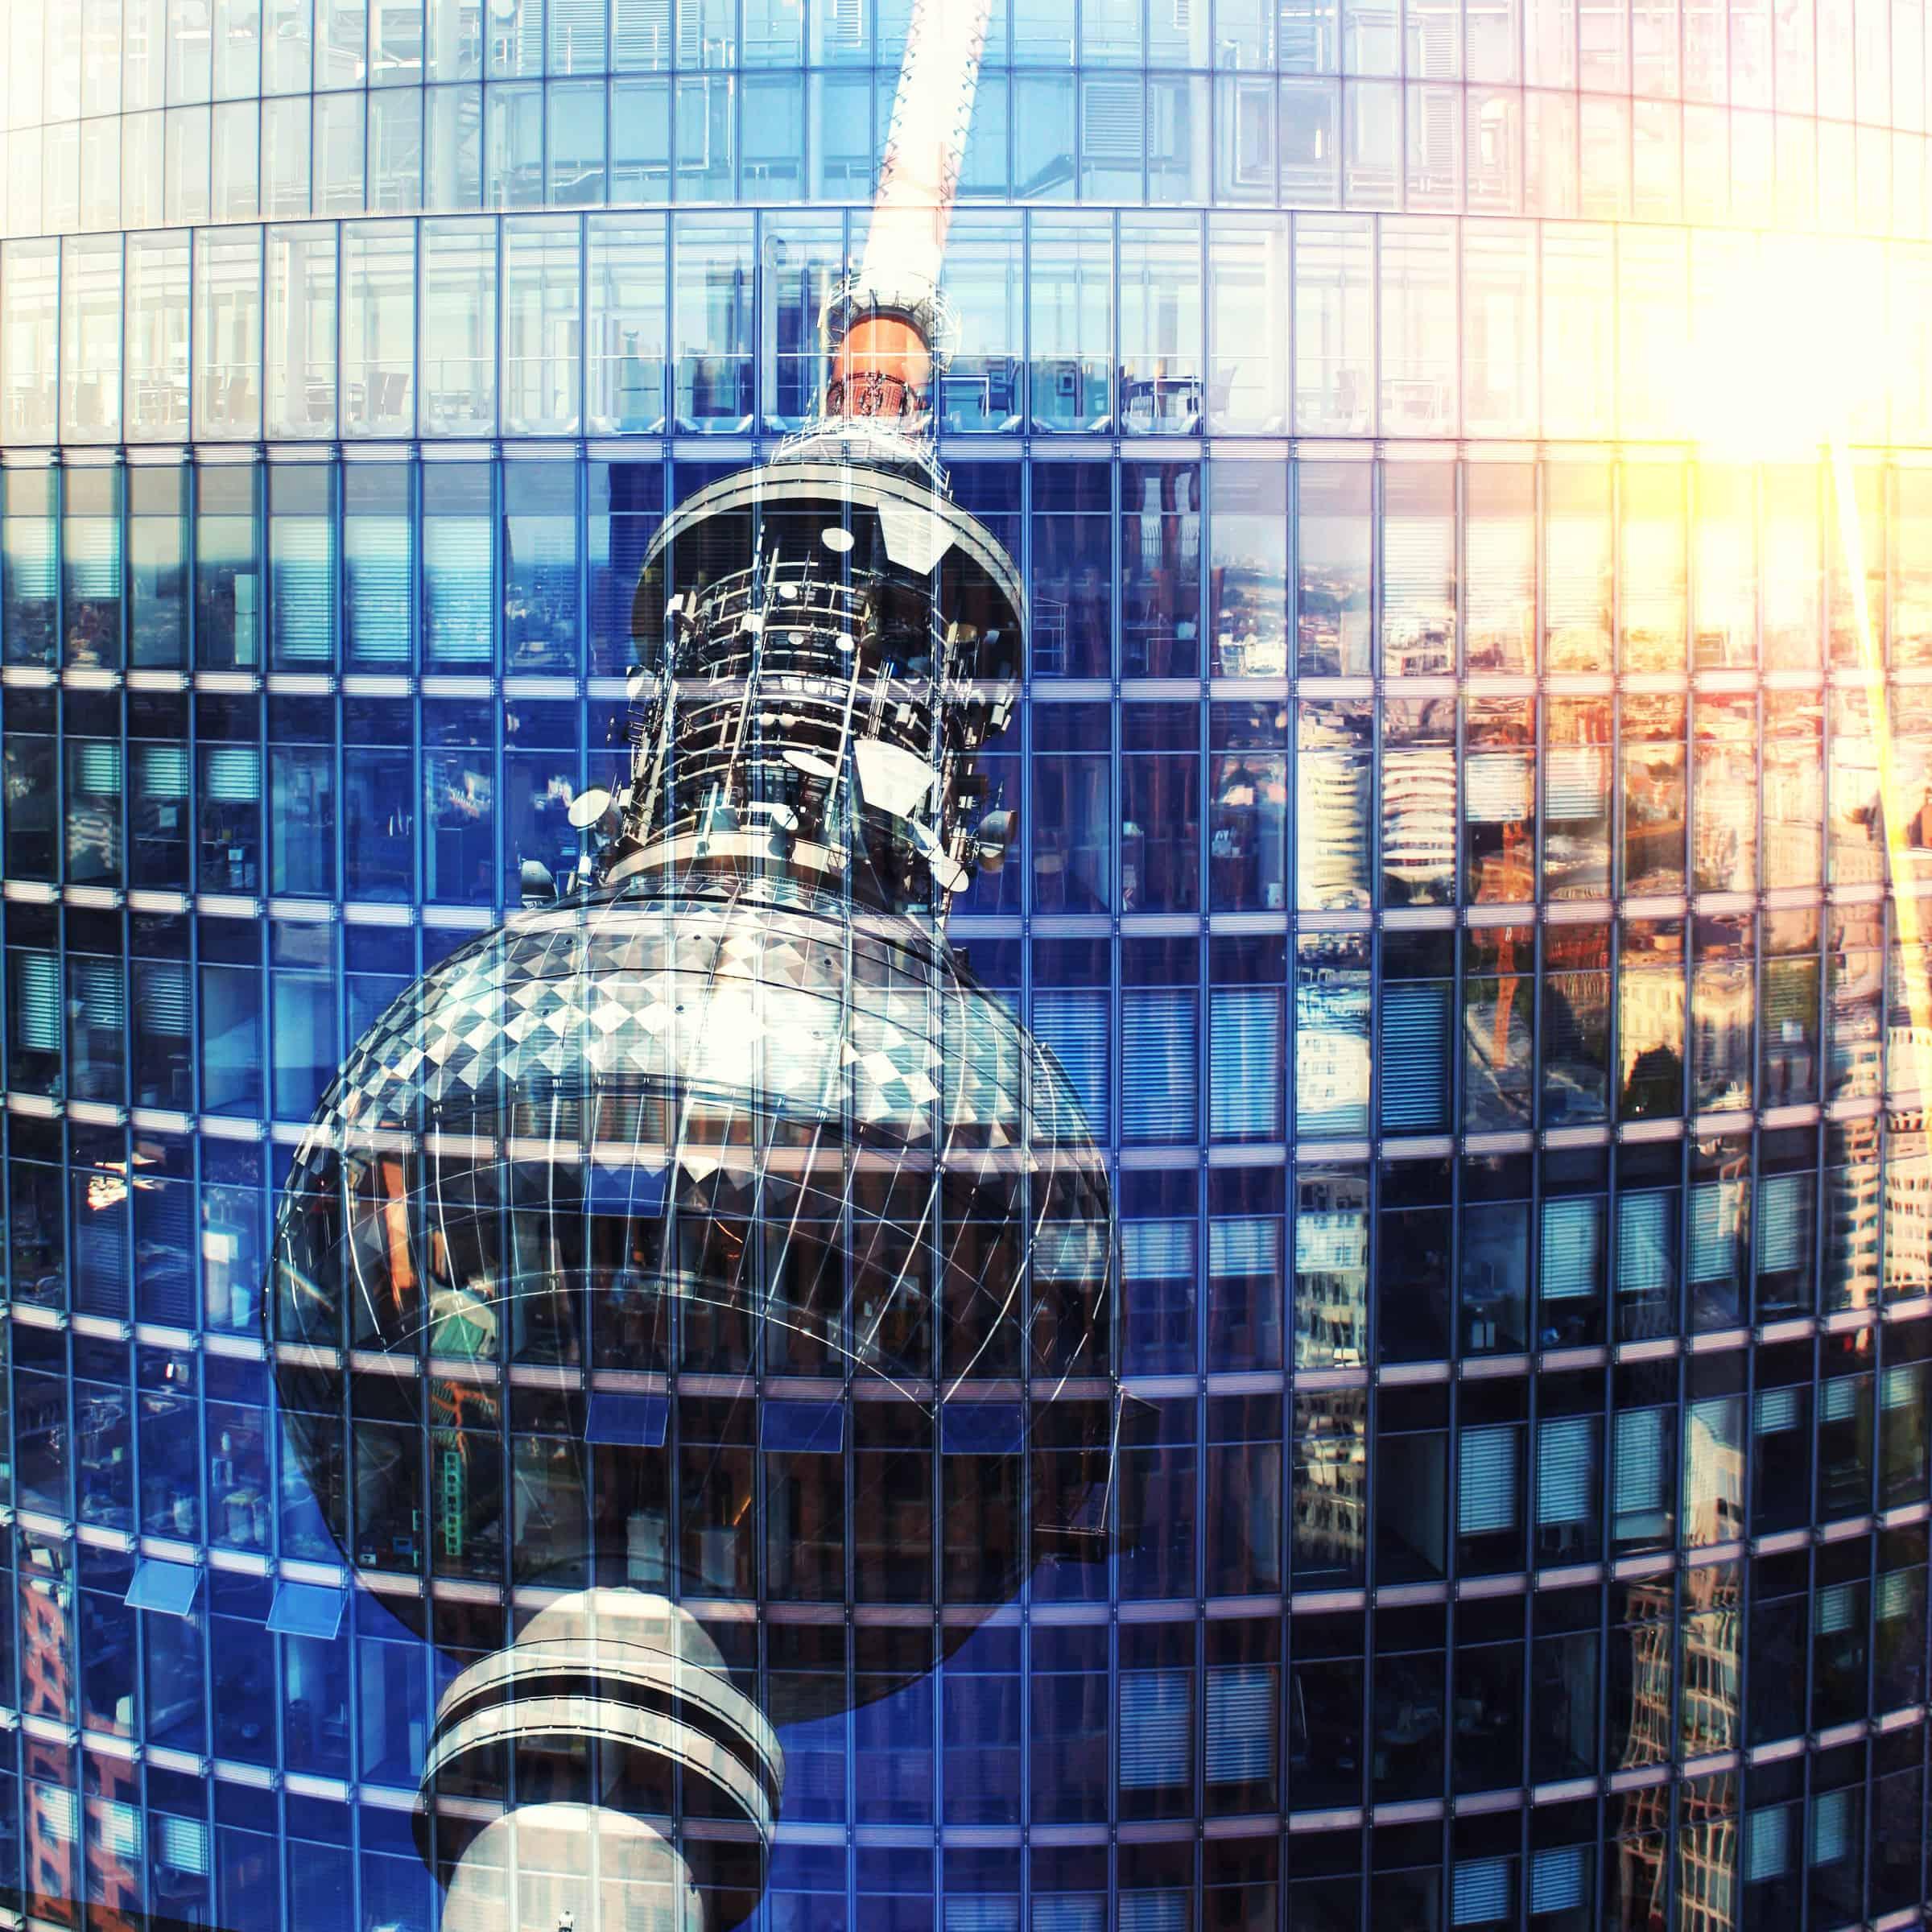 odbicie wieży telewizyjnej na ścianie wieżowca